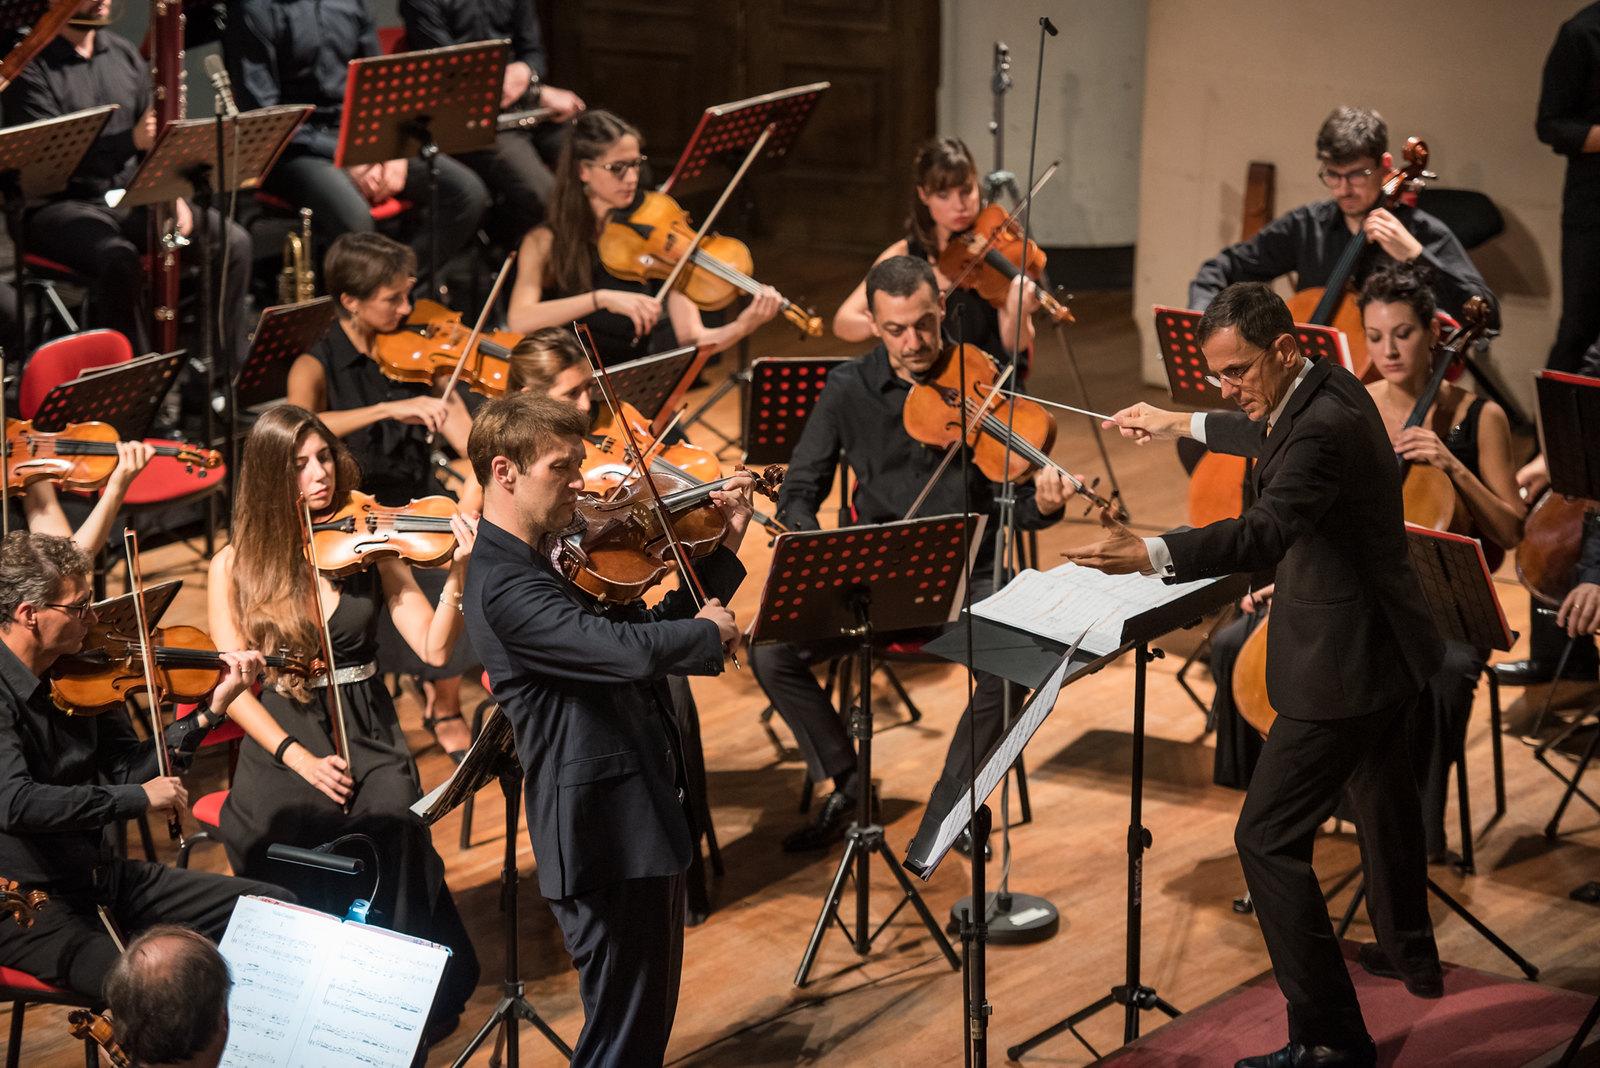 © Fabio Miglio - MiTo Settembremusica. Le foto si riferiscono all'omologo concerto tenuto a Torino il 10 settembre 2019